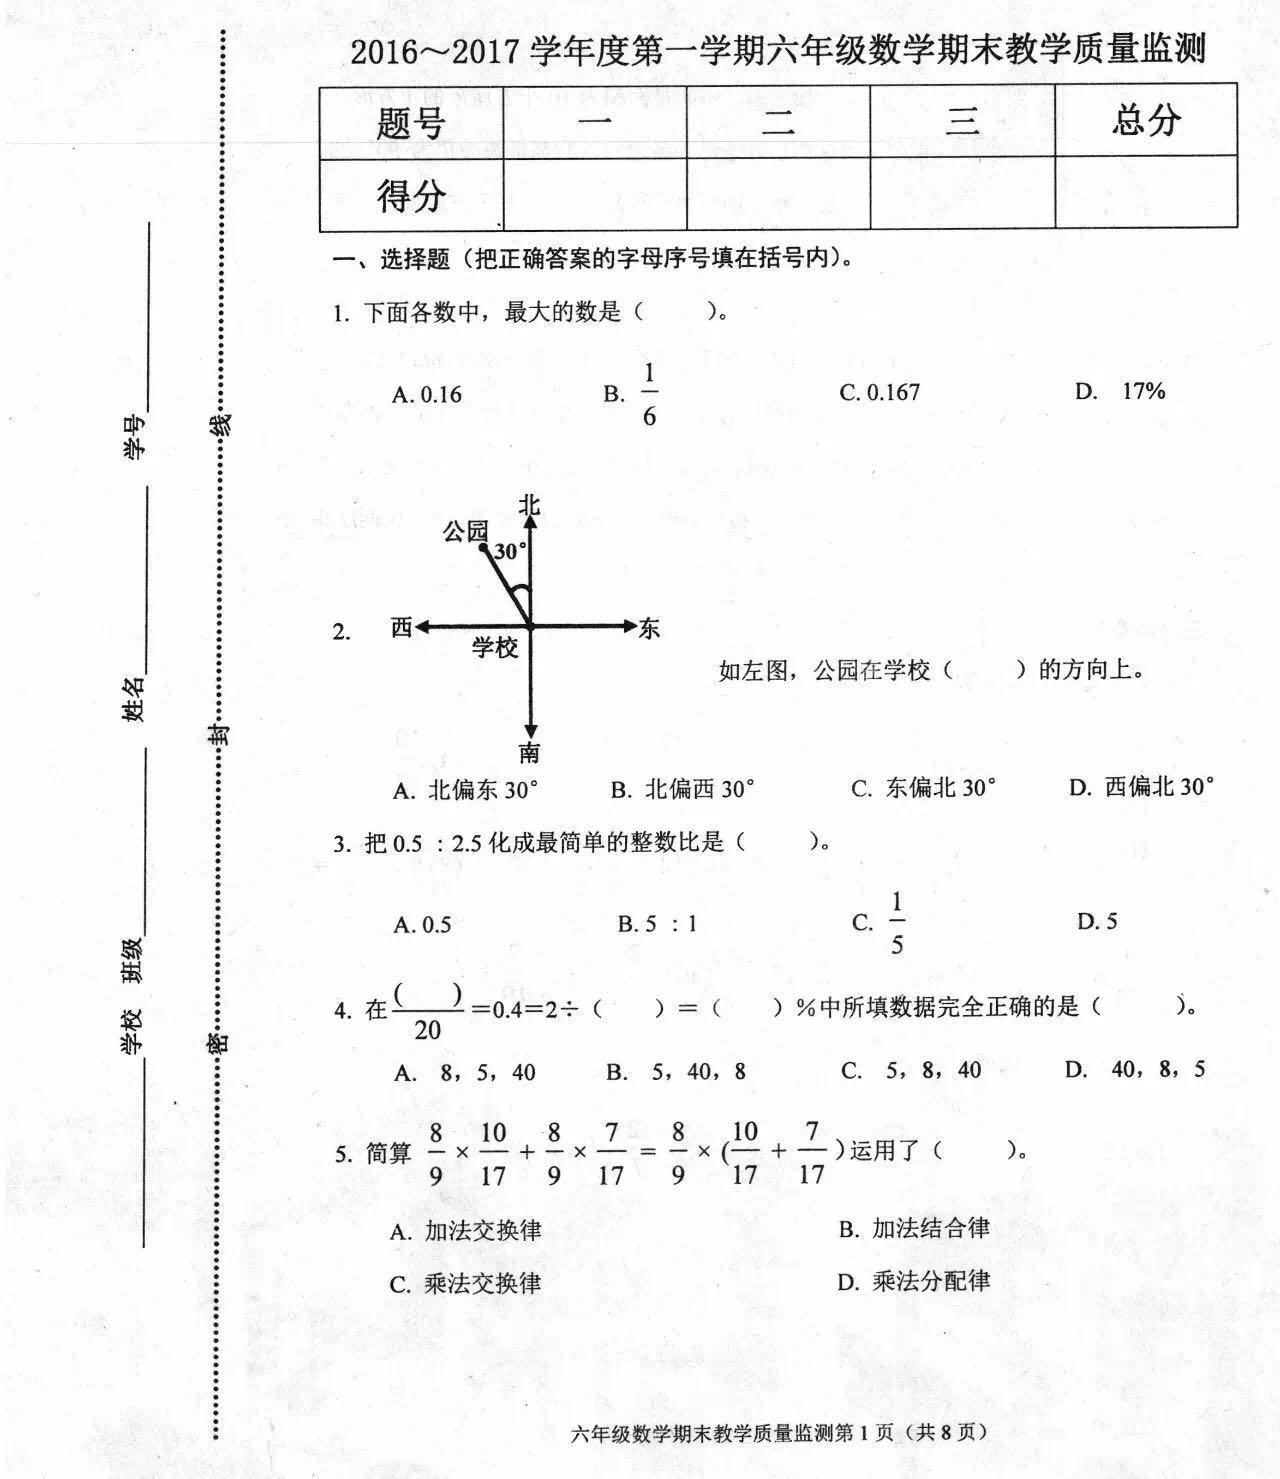 九年级下册数学月考_六年级上册数学月考试卷,人教版的-